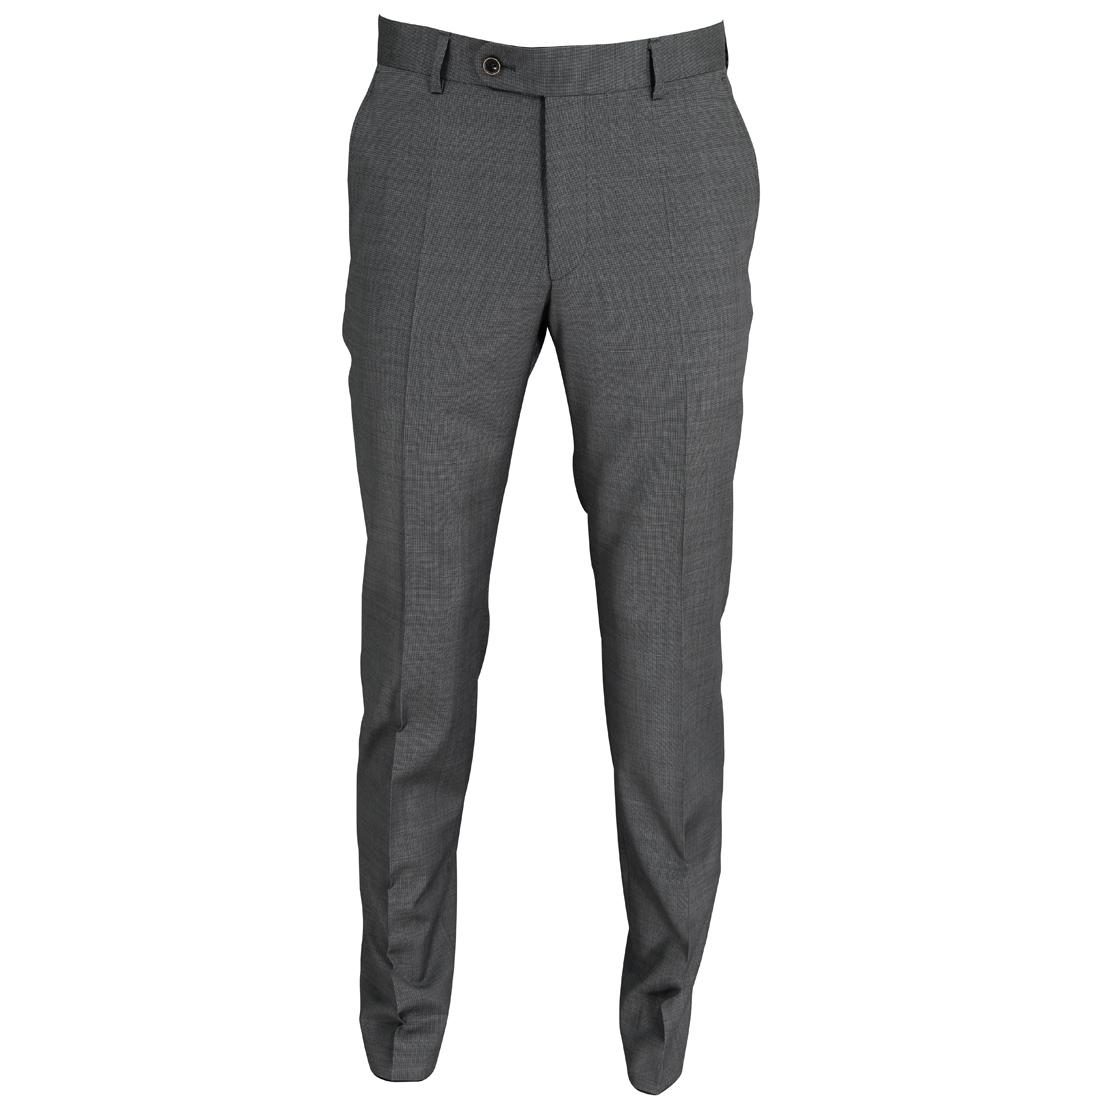 Roy Robson broeken Shape Fit 5024/S- -0340- in het Antraciet